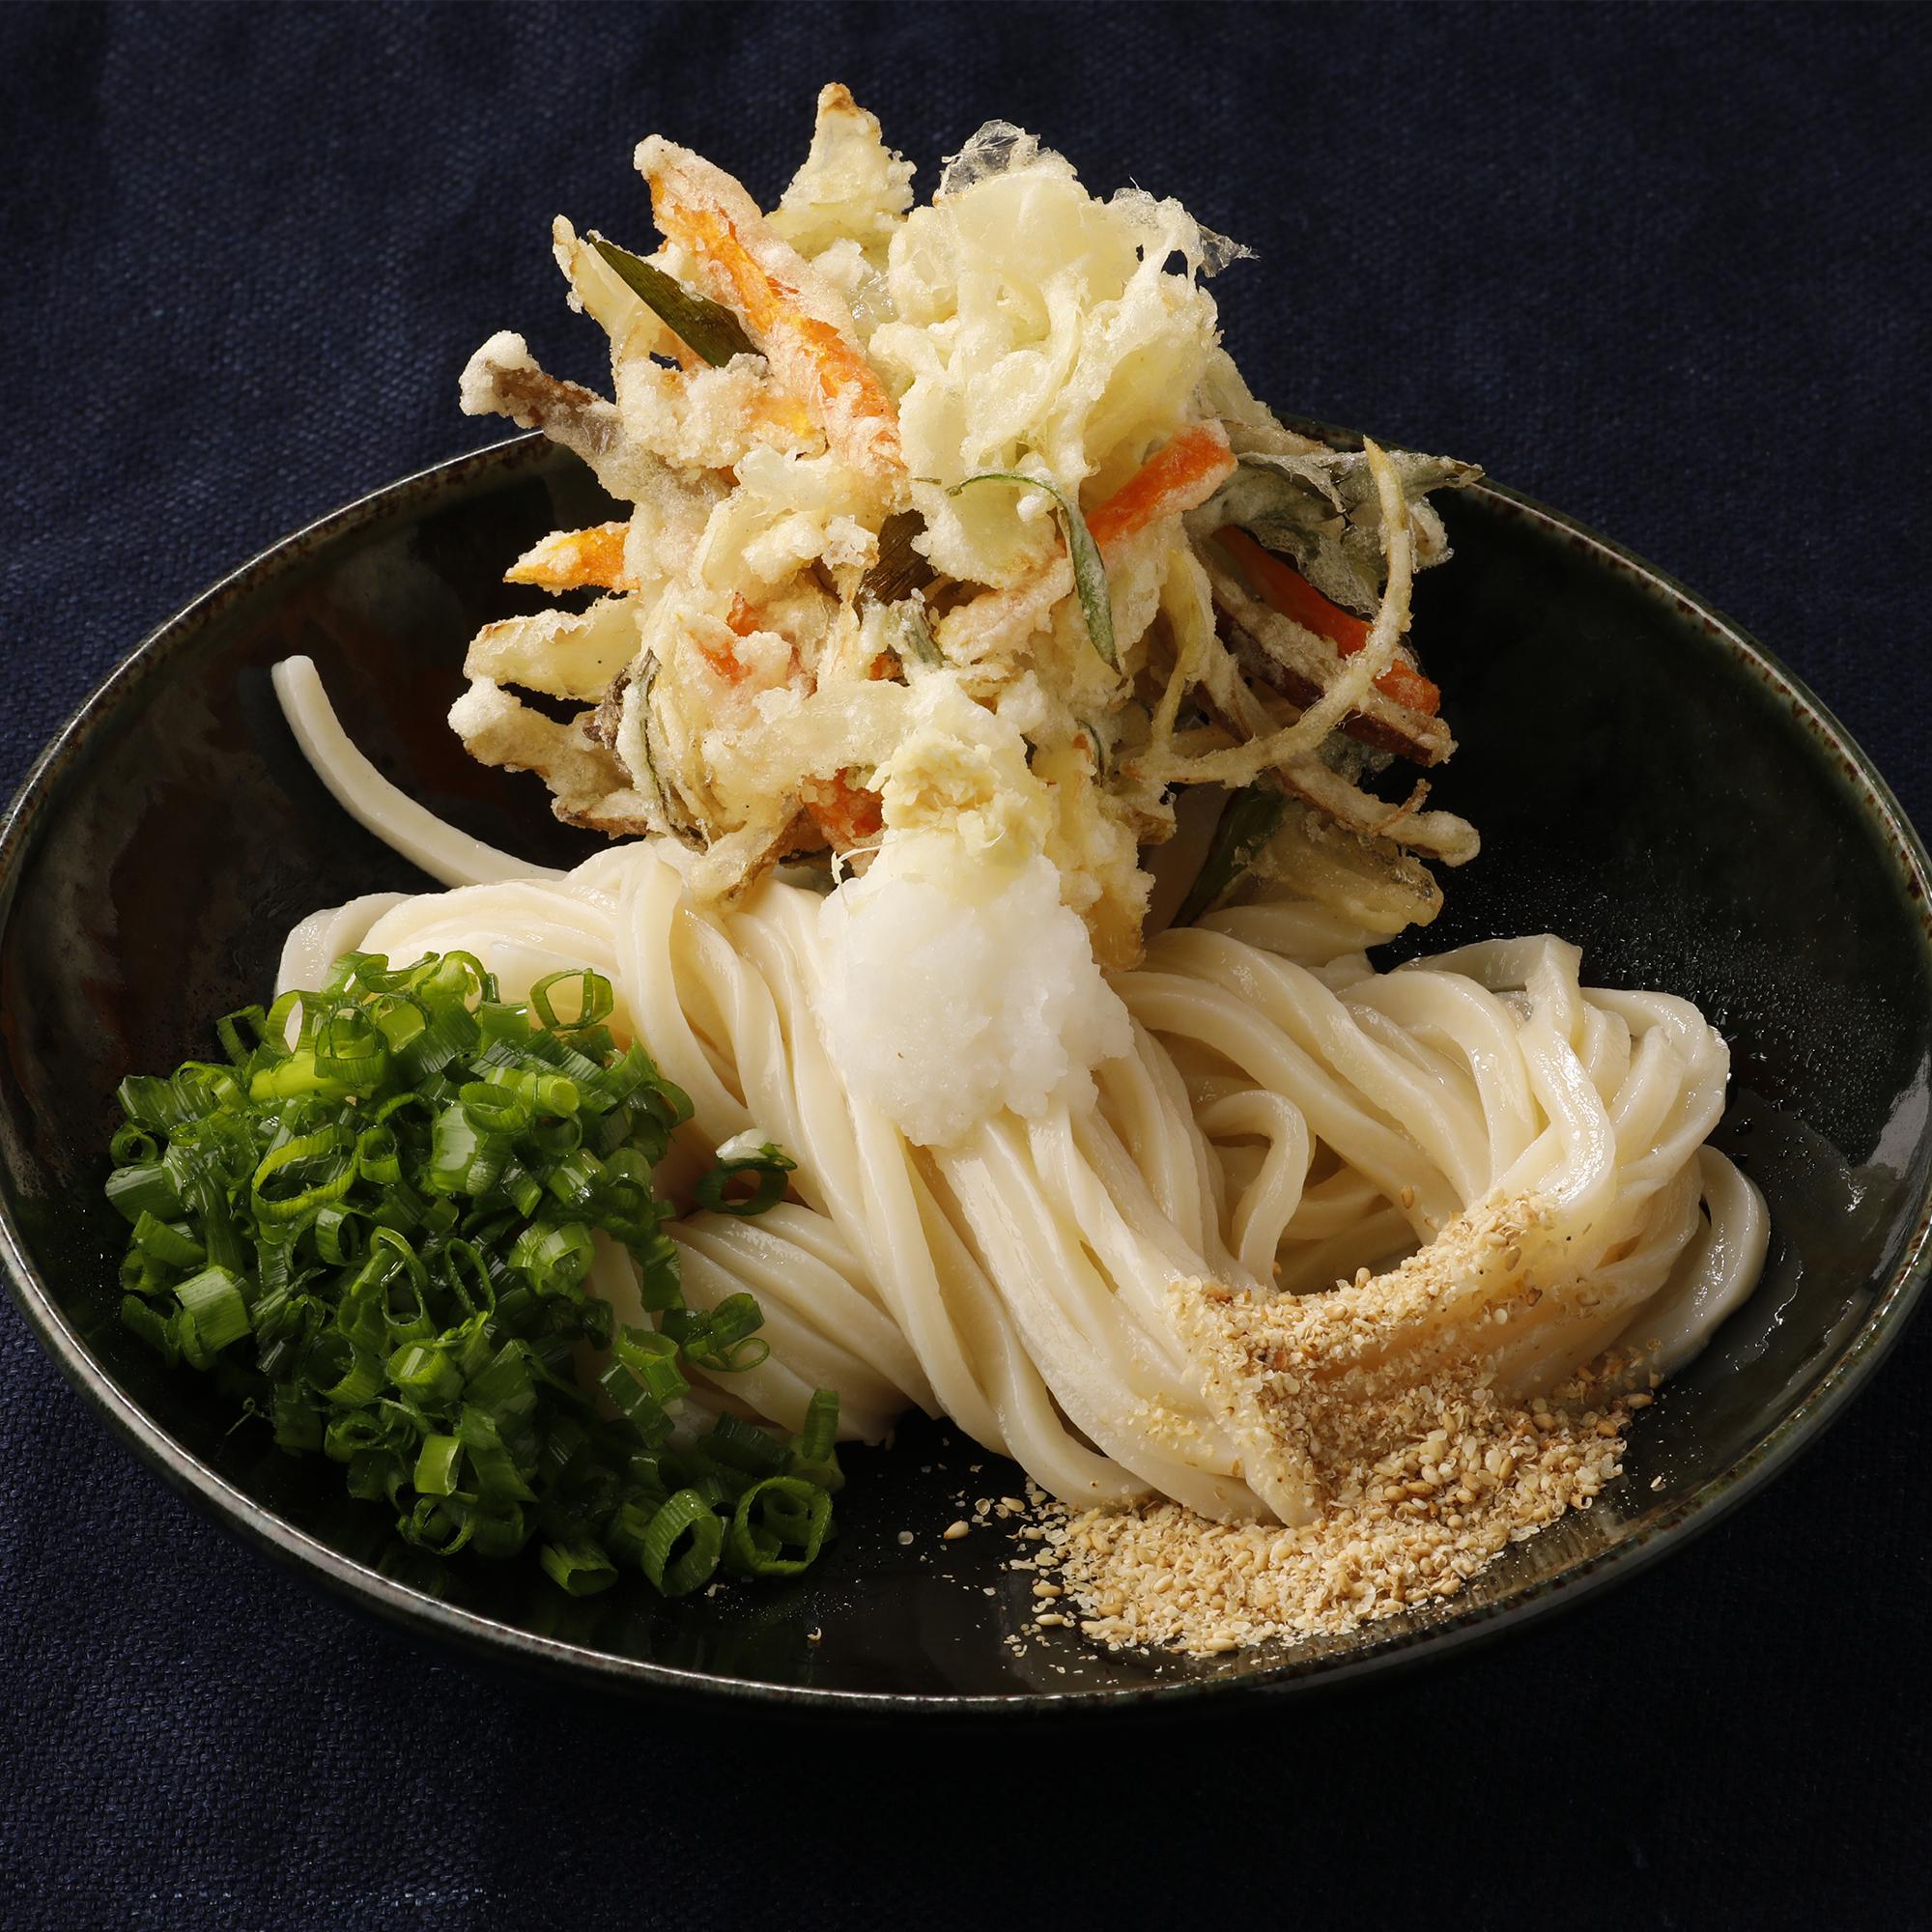 野菜かき揚げ天ぶっかけ【大江ノ郷製麺所】